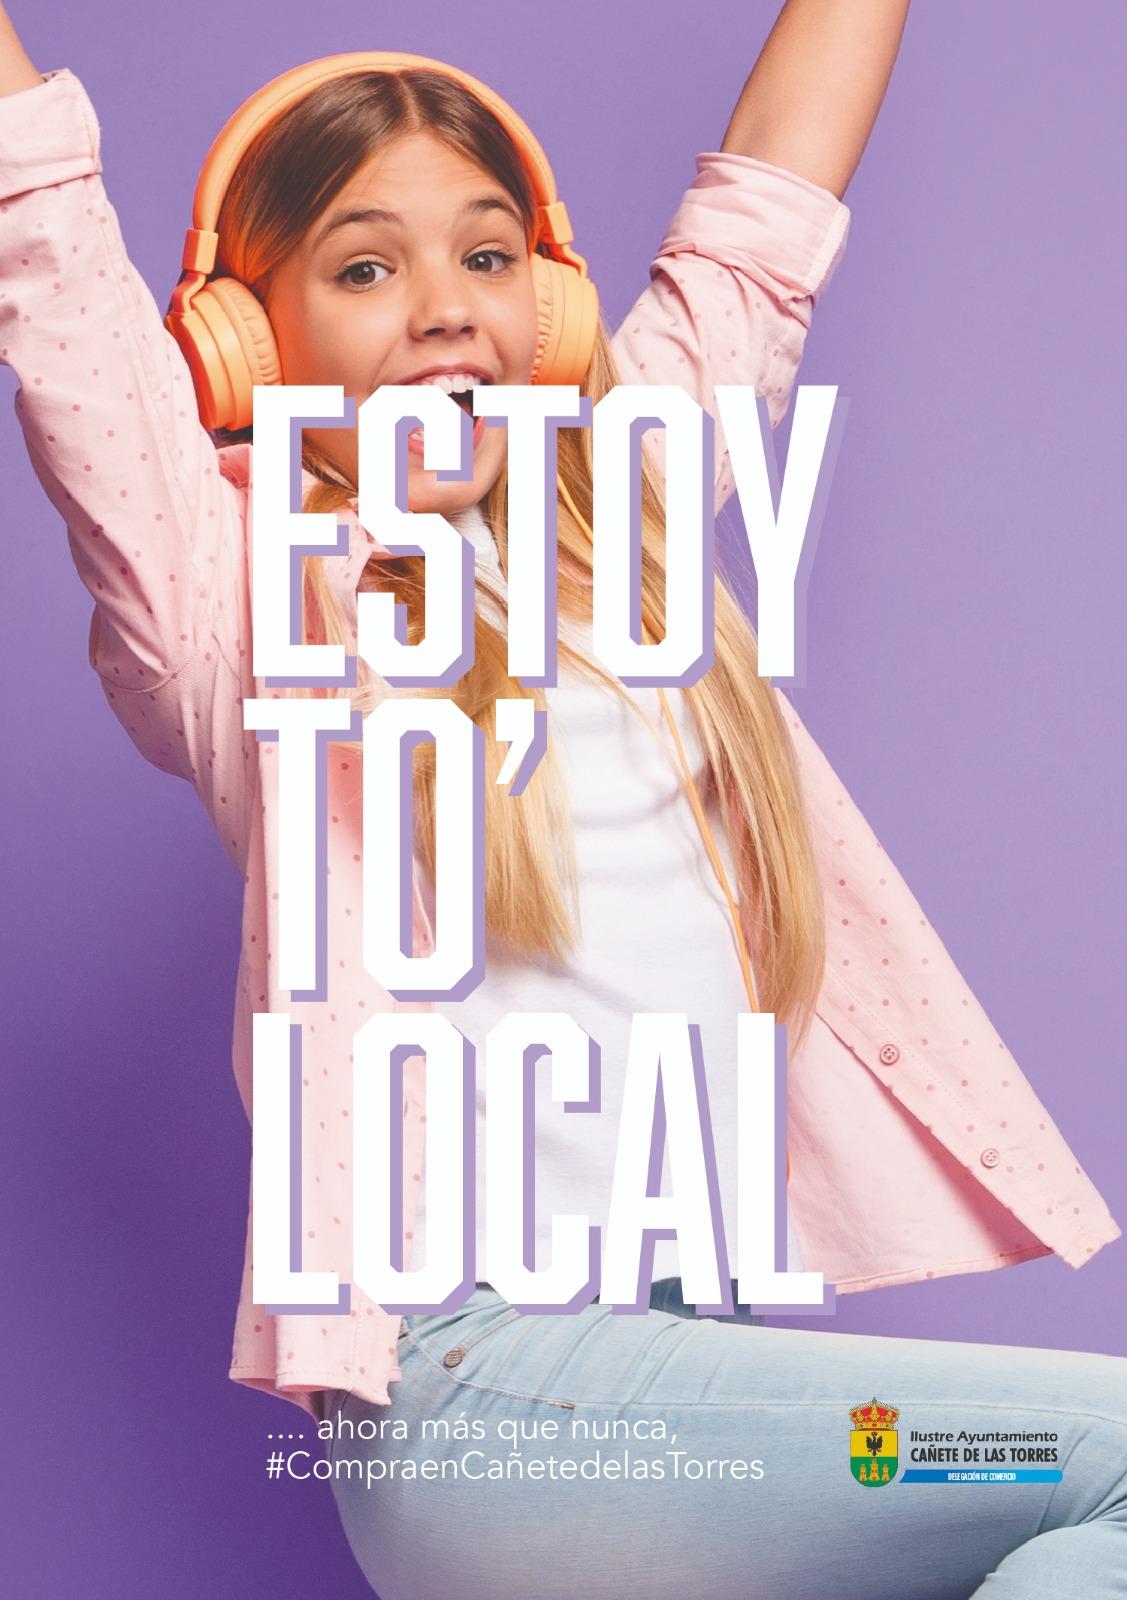 cartel 4 estoy to local